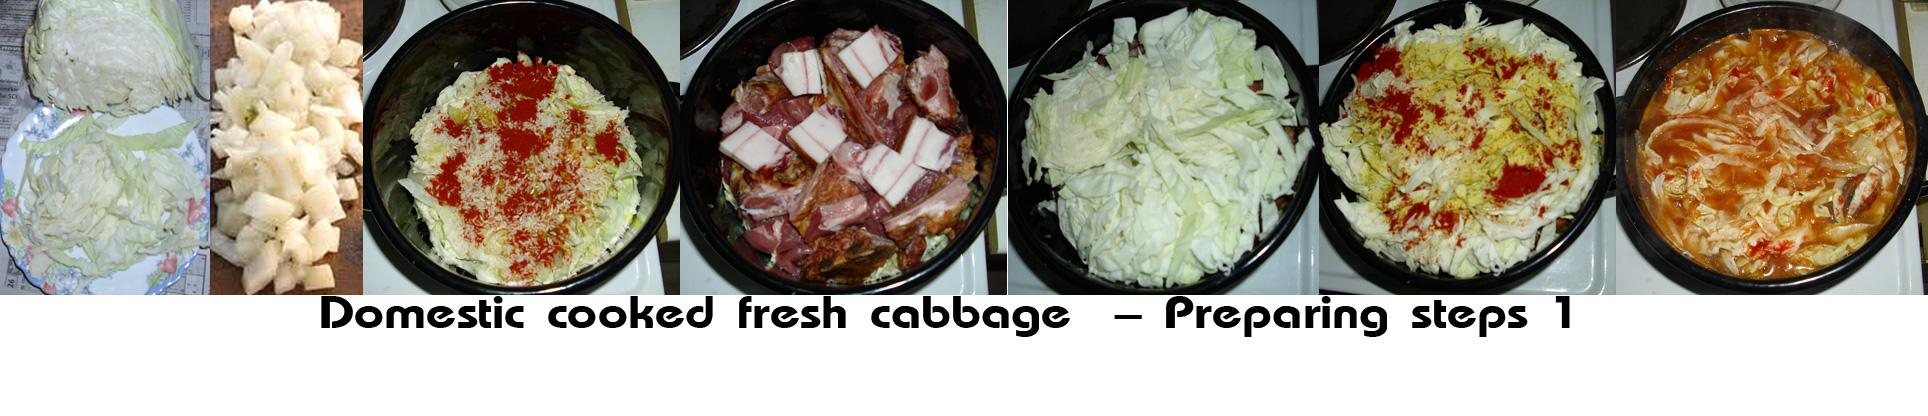 Domestic cooked fresh cabbage prepare1